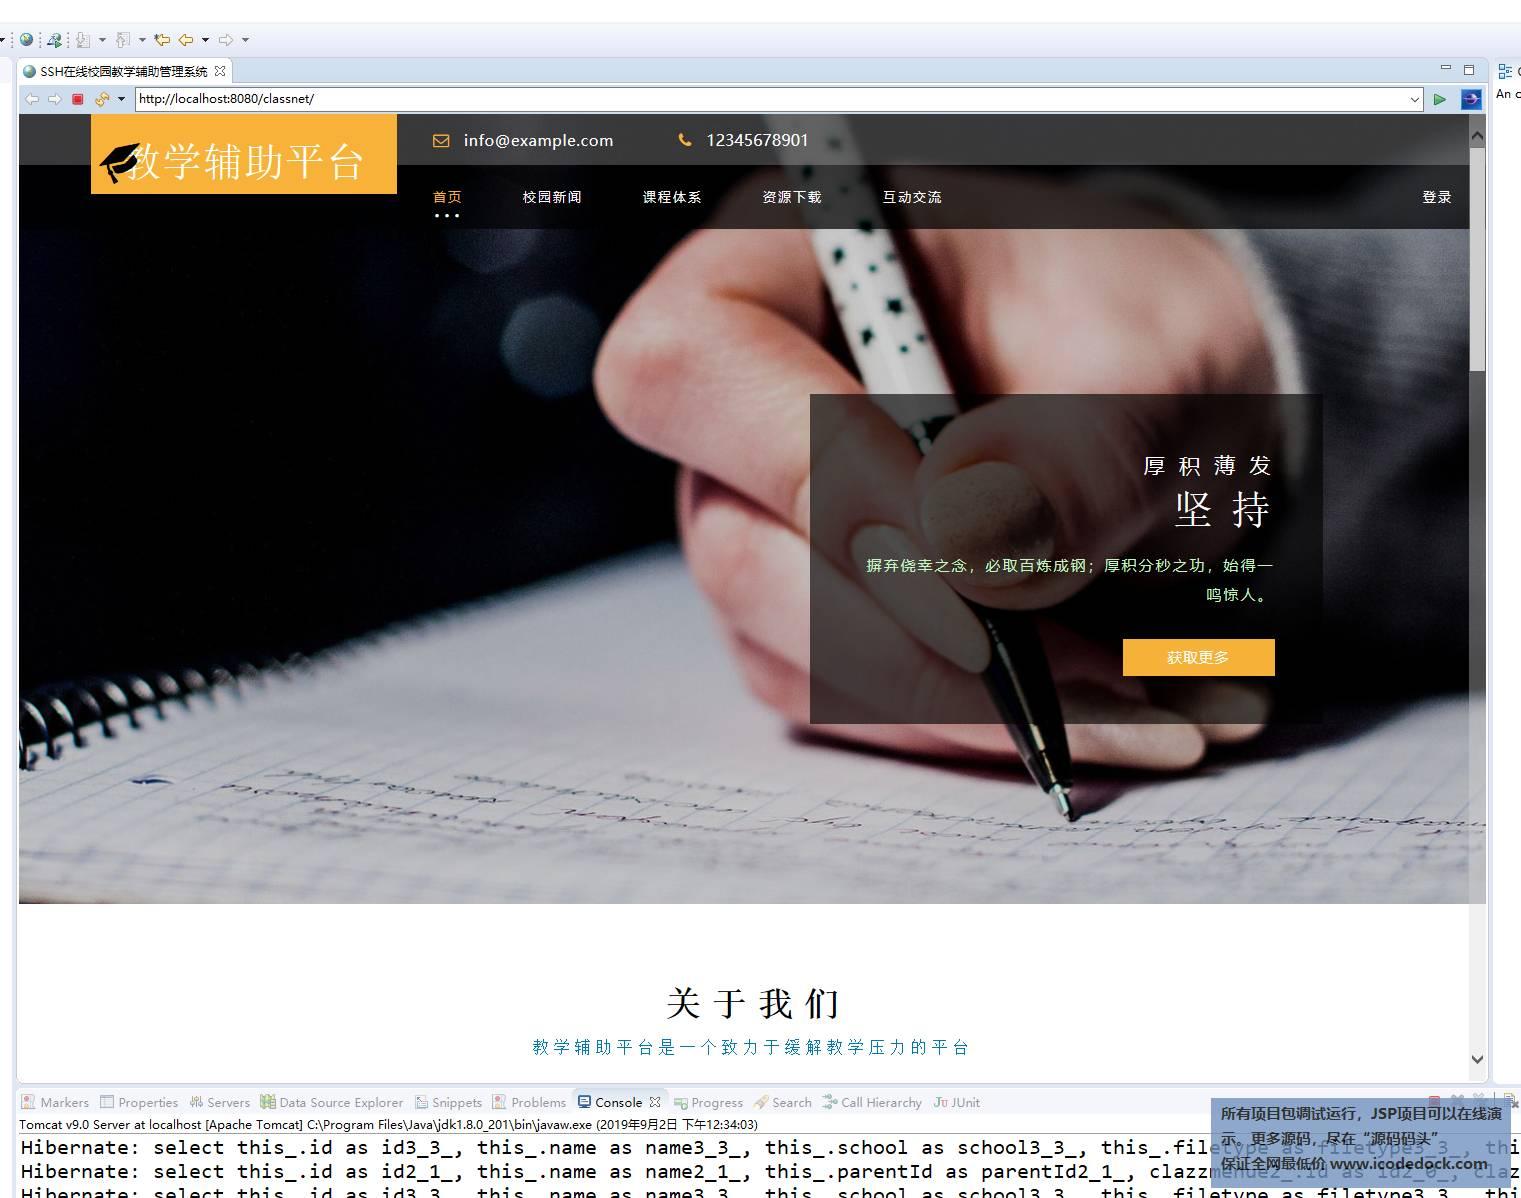 源码码头-SSH教学辅助视频学习交流管理系统-学生用户角色-用户首页